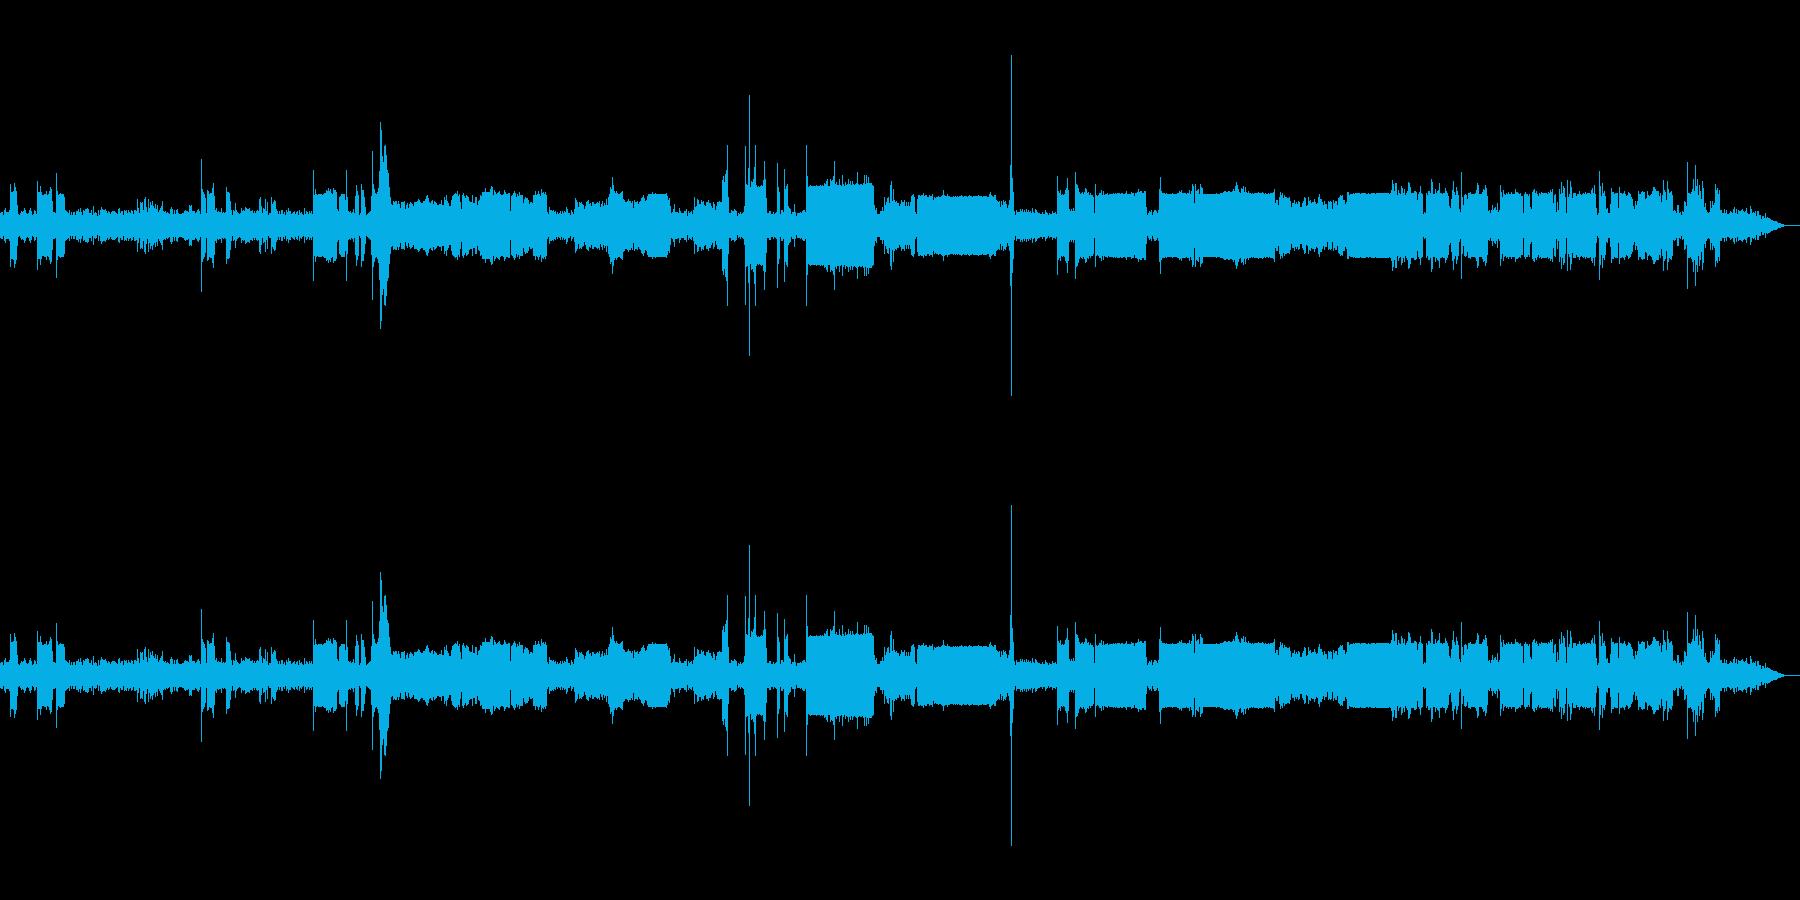 機械的なノイズ:無線などの再生済みの波形